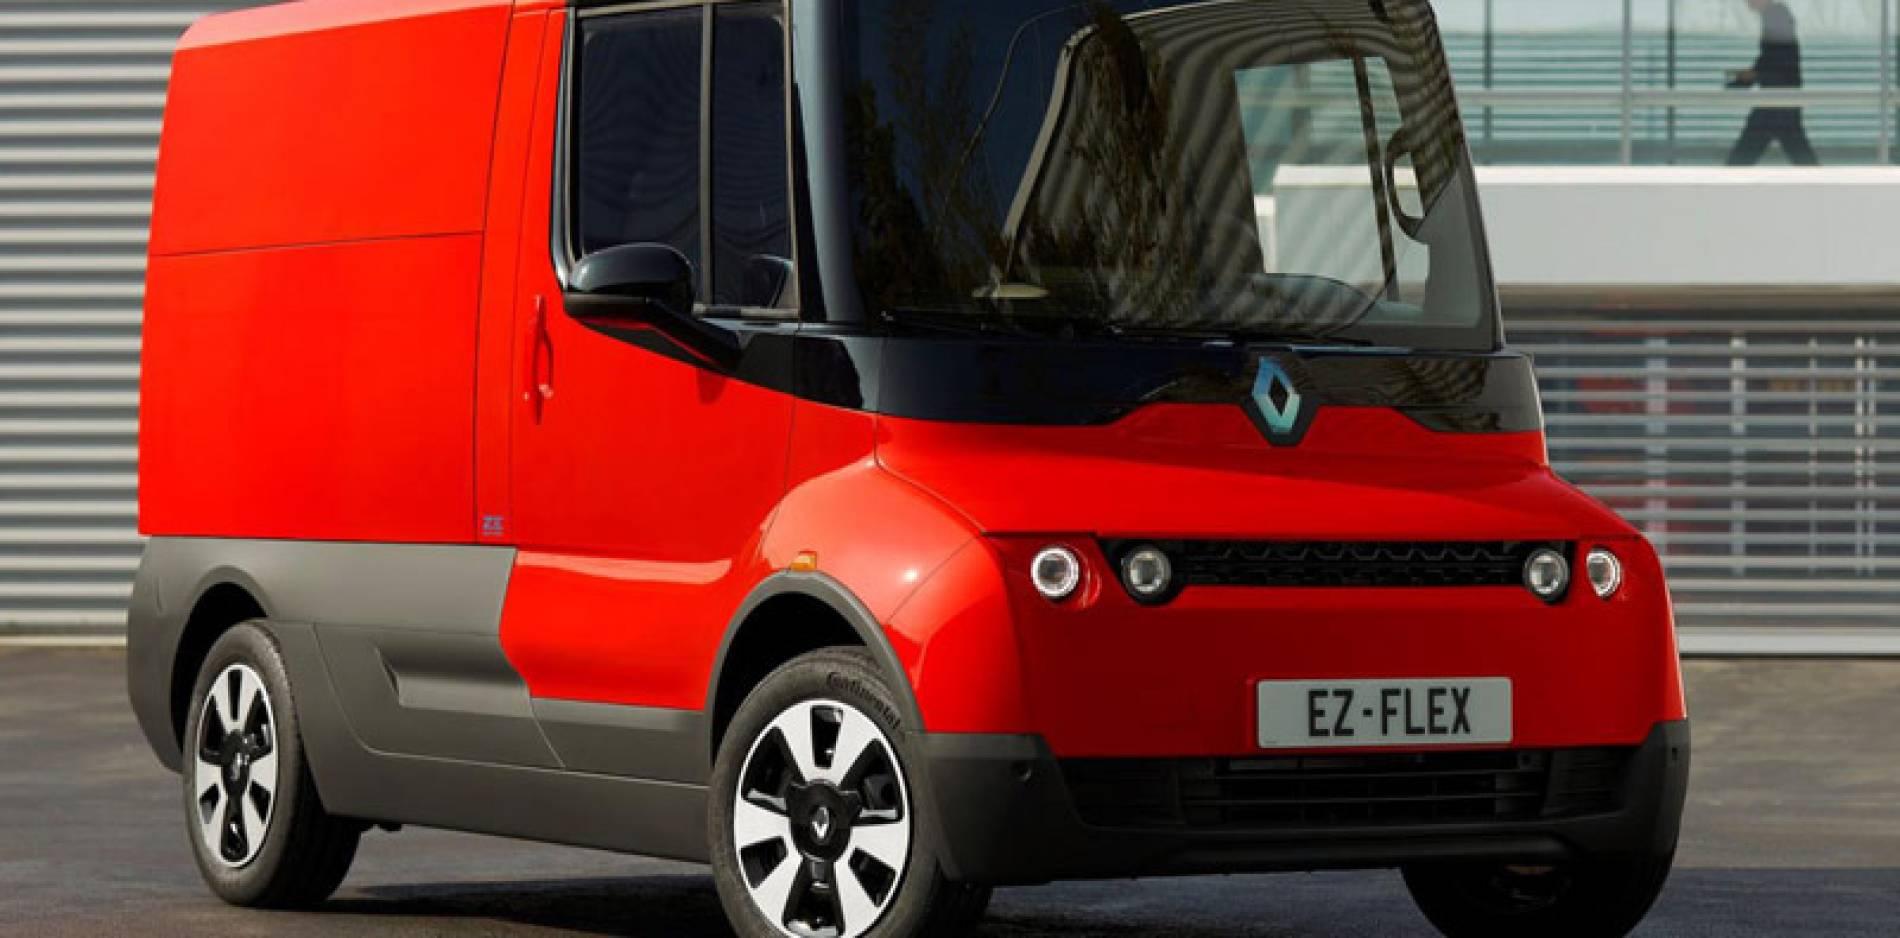 Renault EZ-FLEX, así podrían ser los comerciales de Renault en 2030